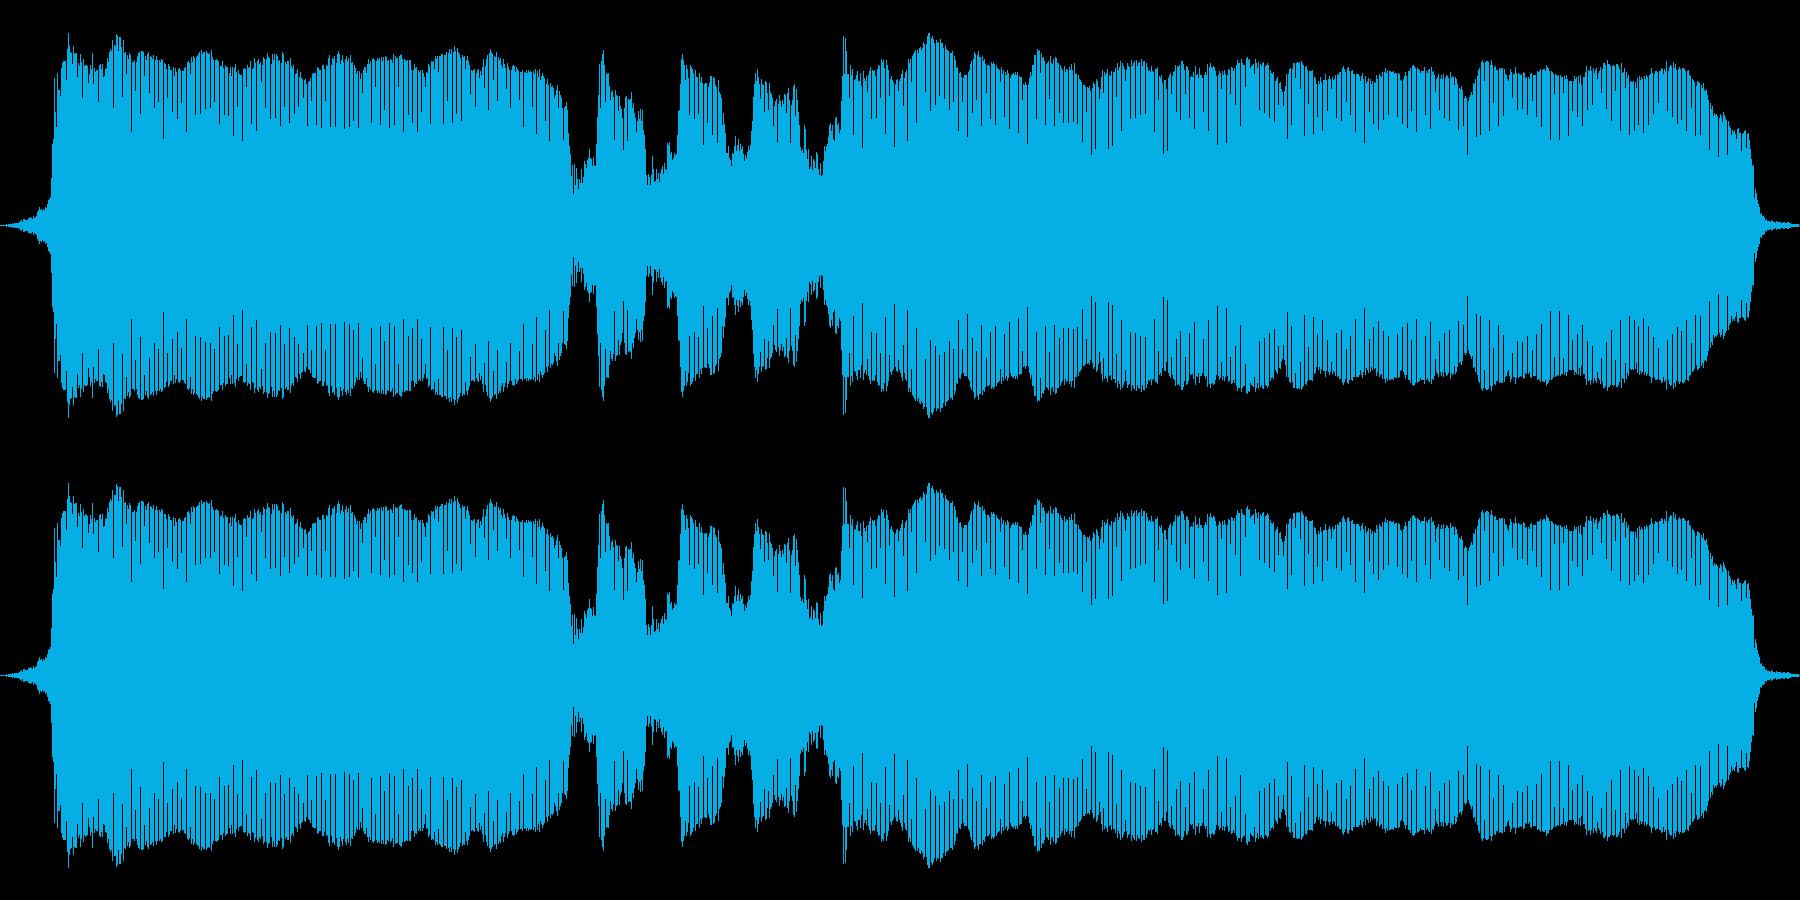 こぶし01(F#)の再生済みの波形